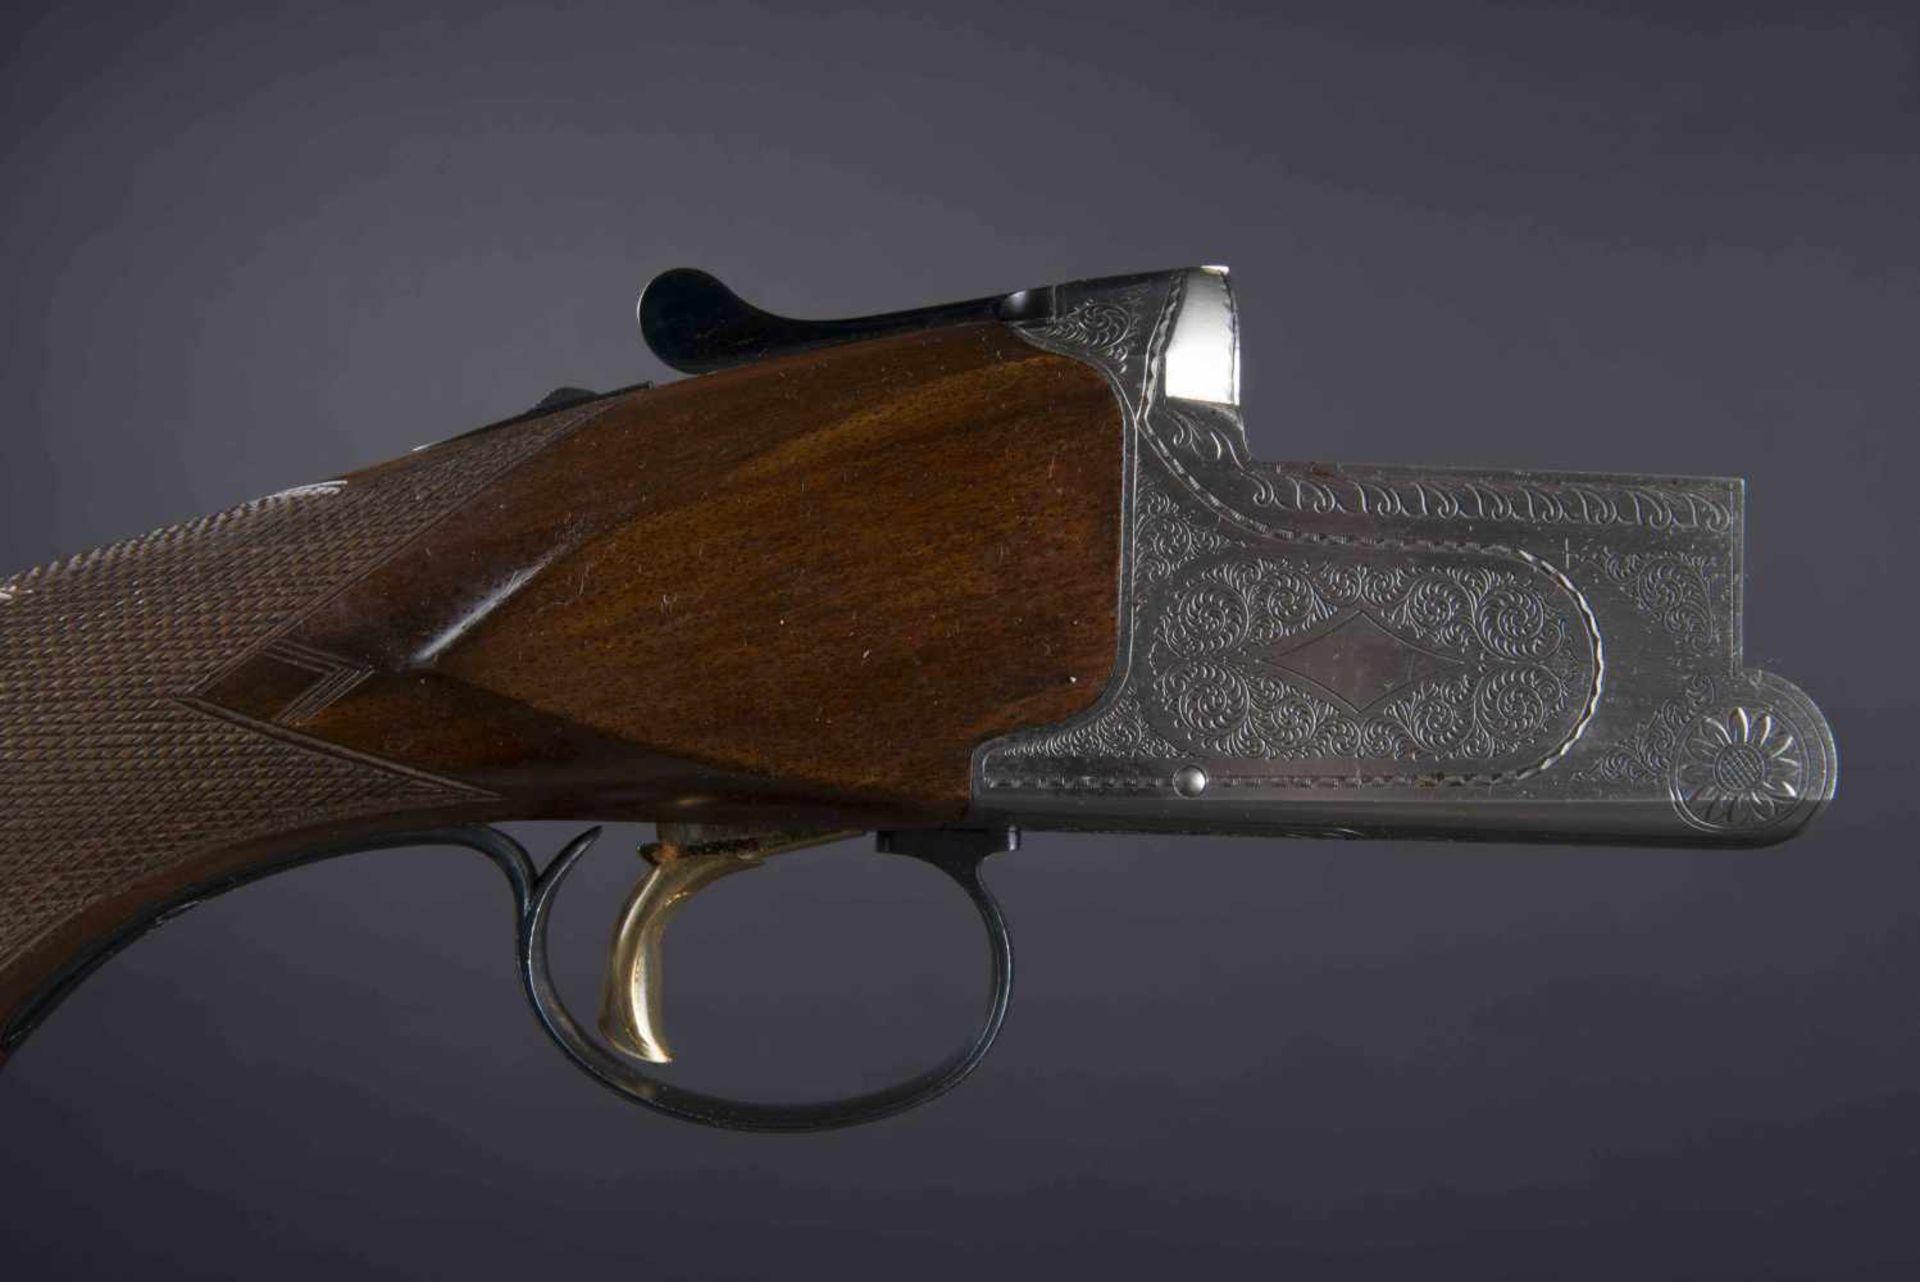 Fusil juxtaposé Nikko 5000 Catégorie C Calibre 12, numéro K63518. Carton non au modèle de l'arme. - Bild 2 aus 3